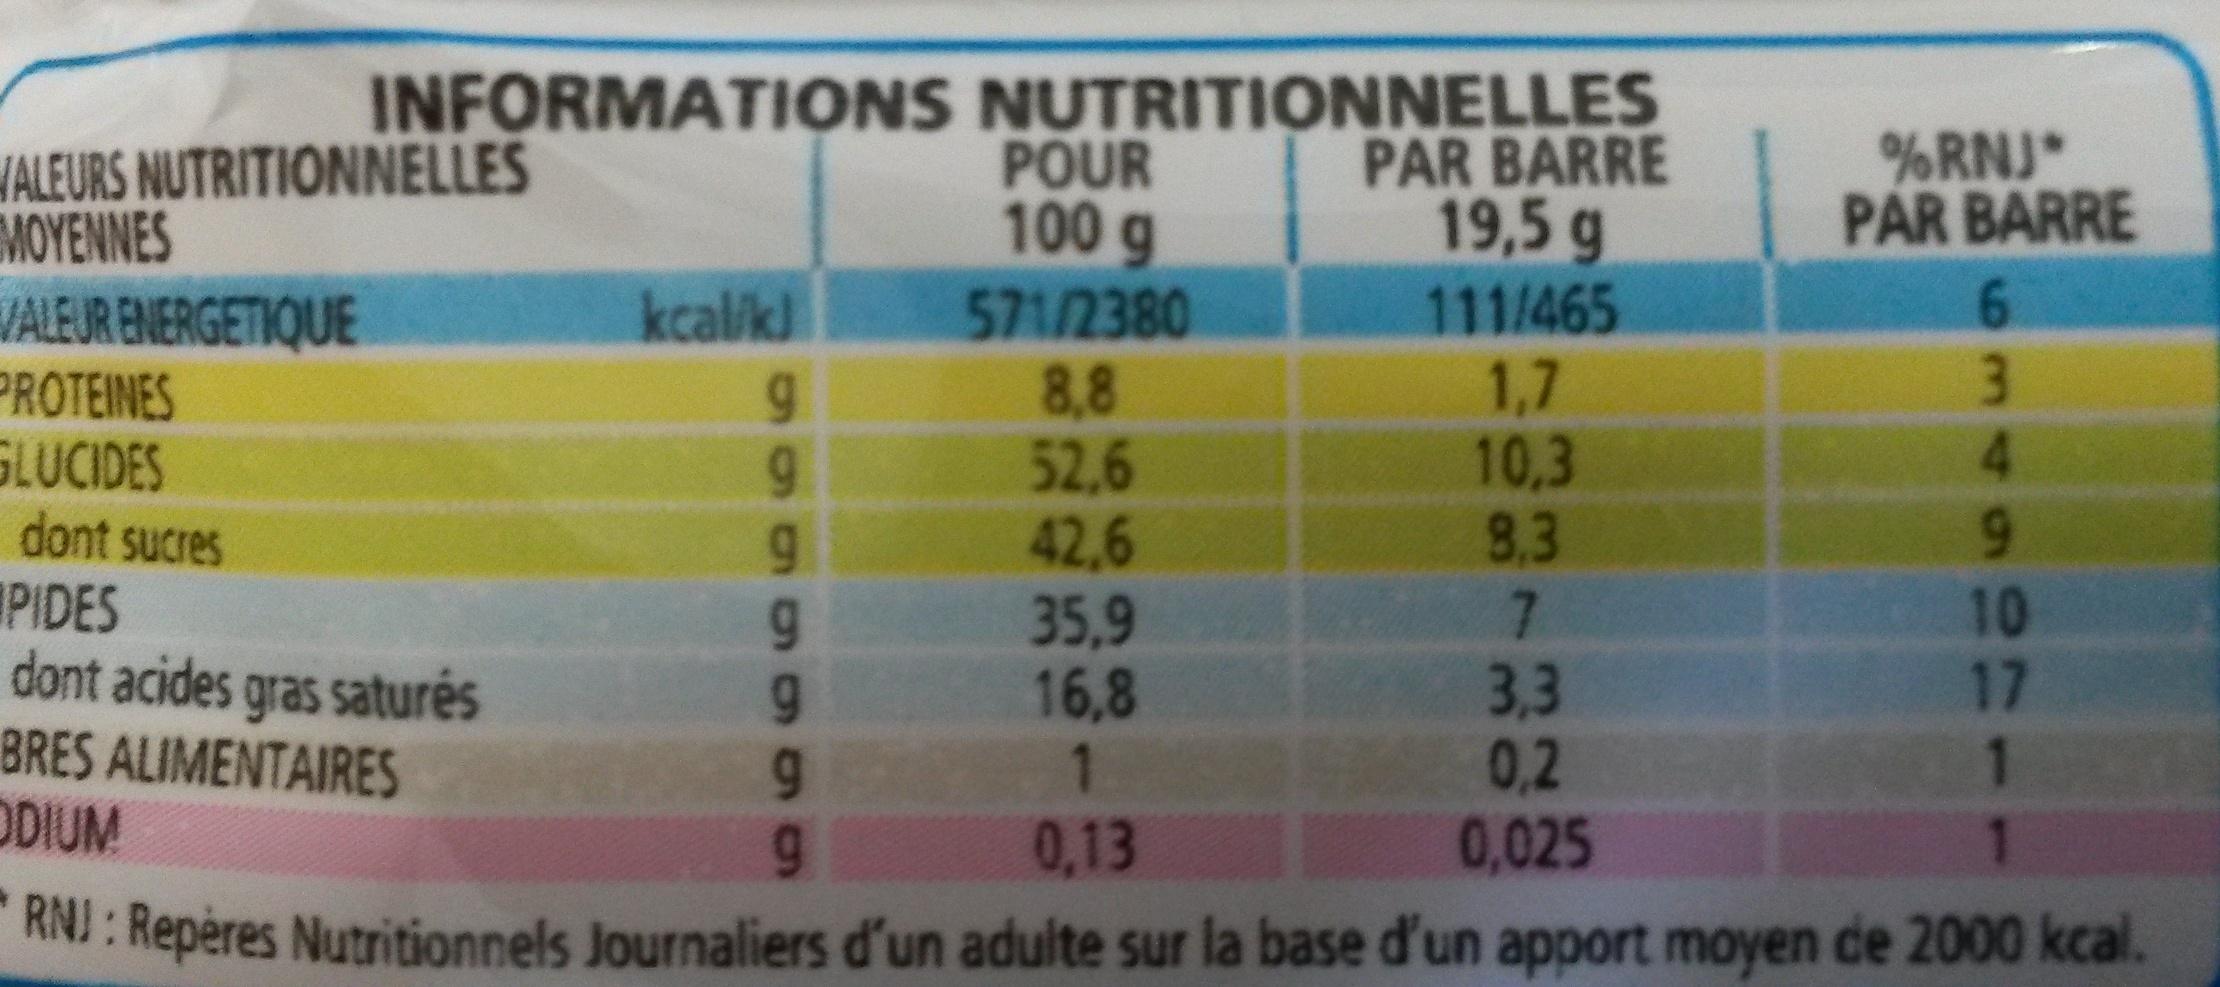 Calorieën kinder bueno – Gezondheid en goede voeding